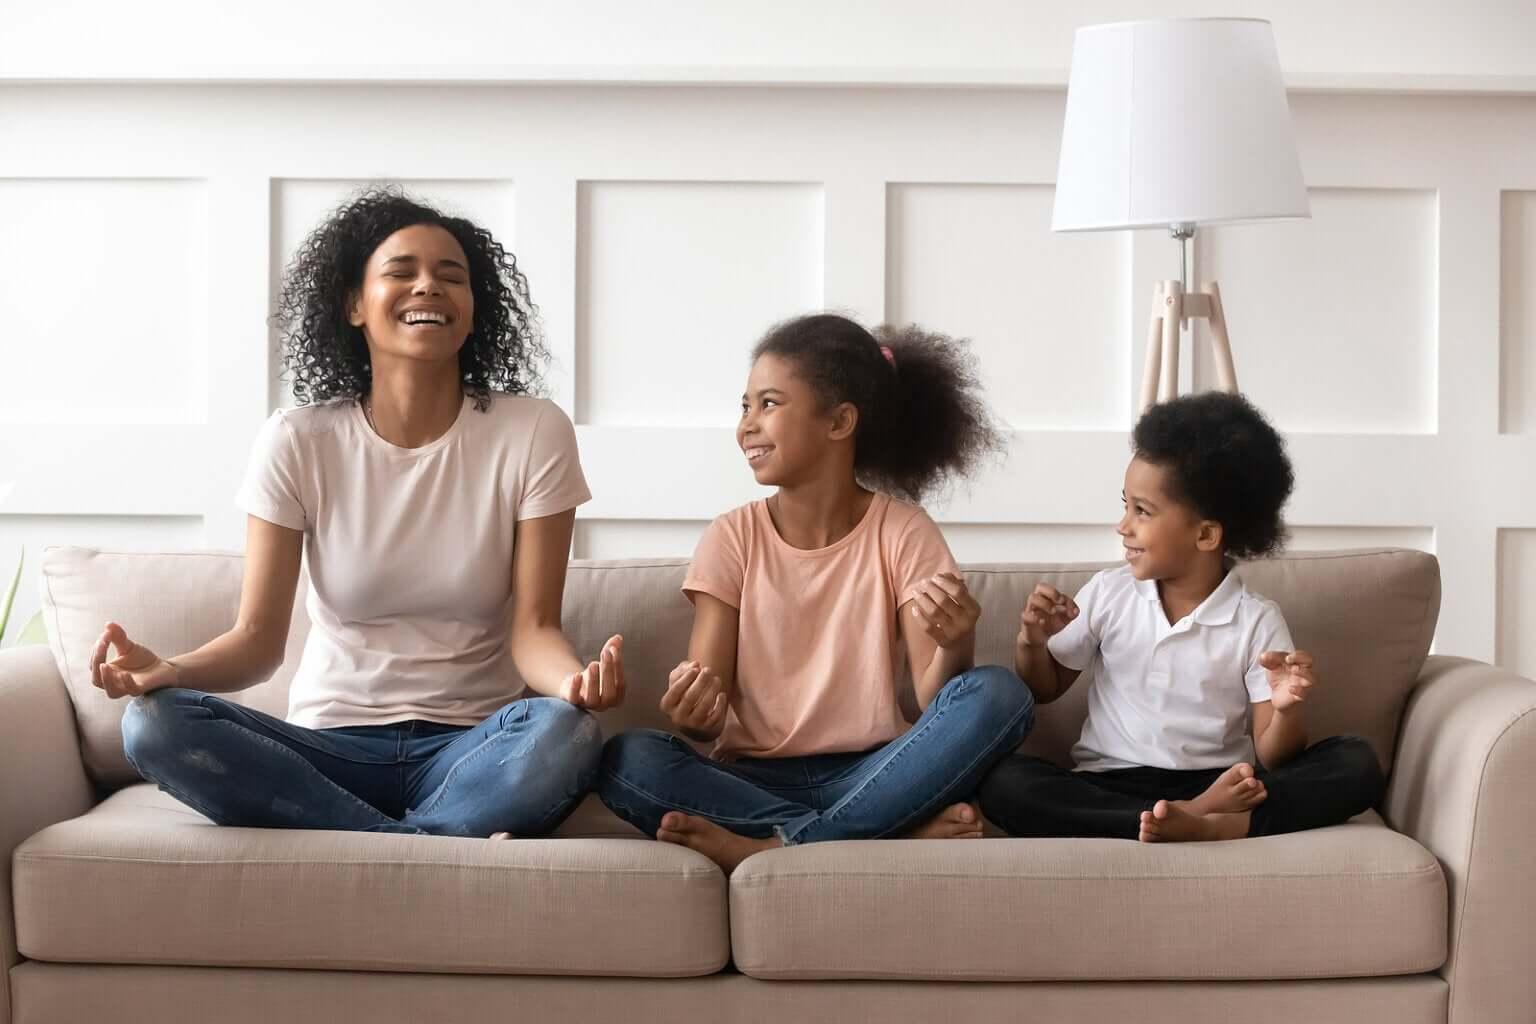 Madre con sus hijos riendo y meditando.